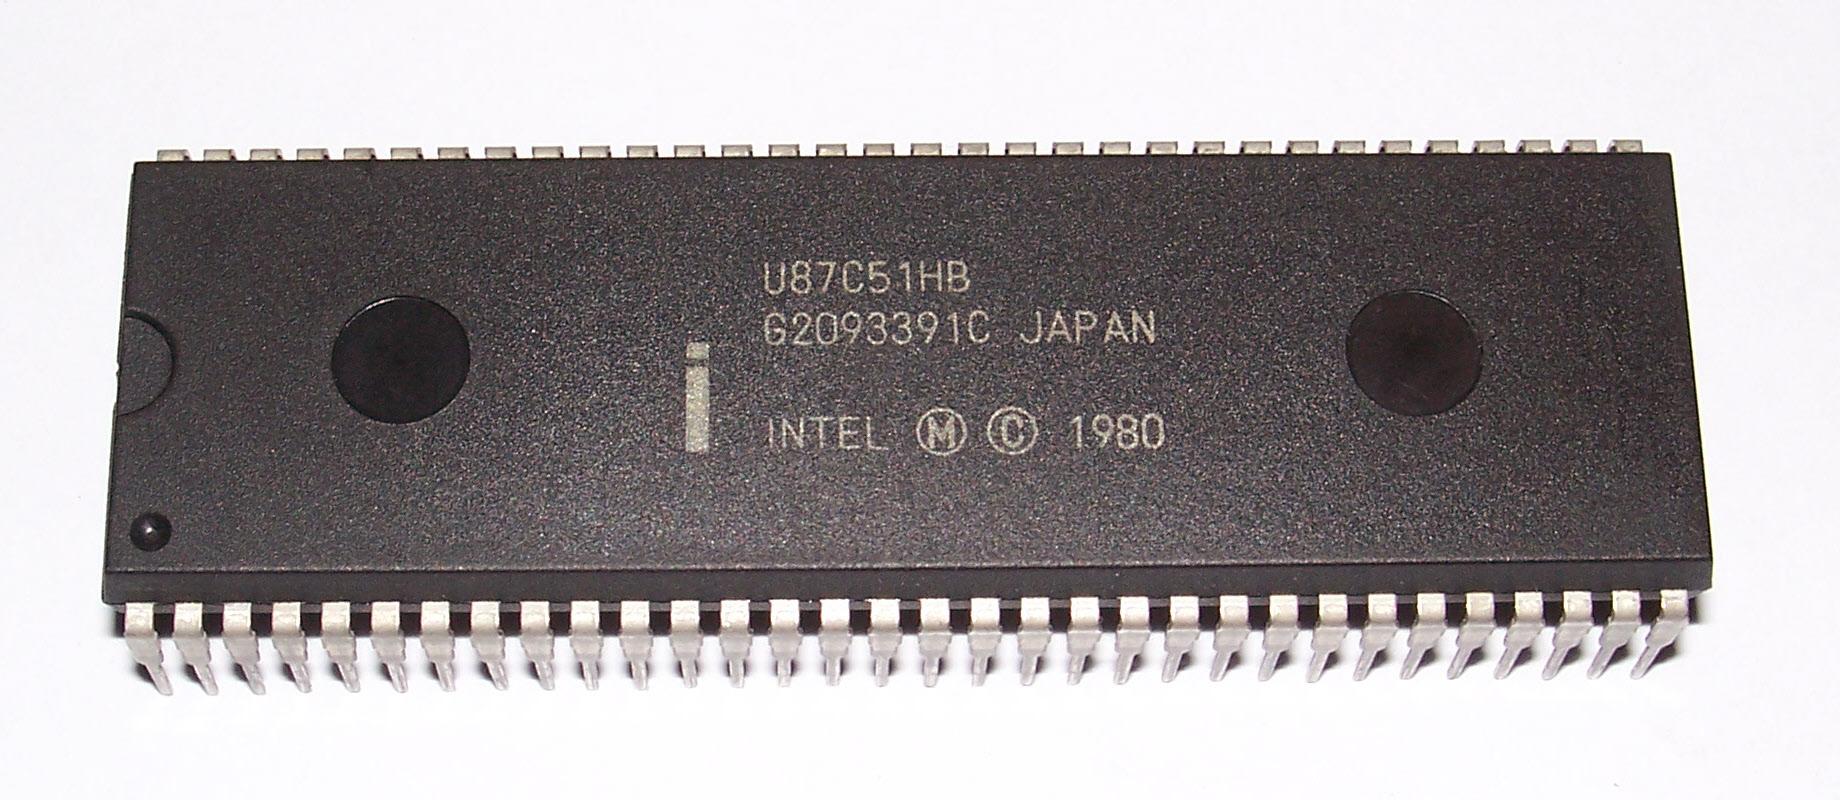 Mikrokontroler Intel 8751- czy na pewno?